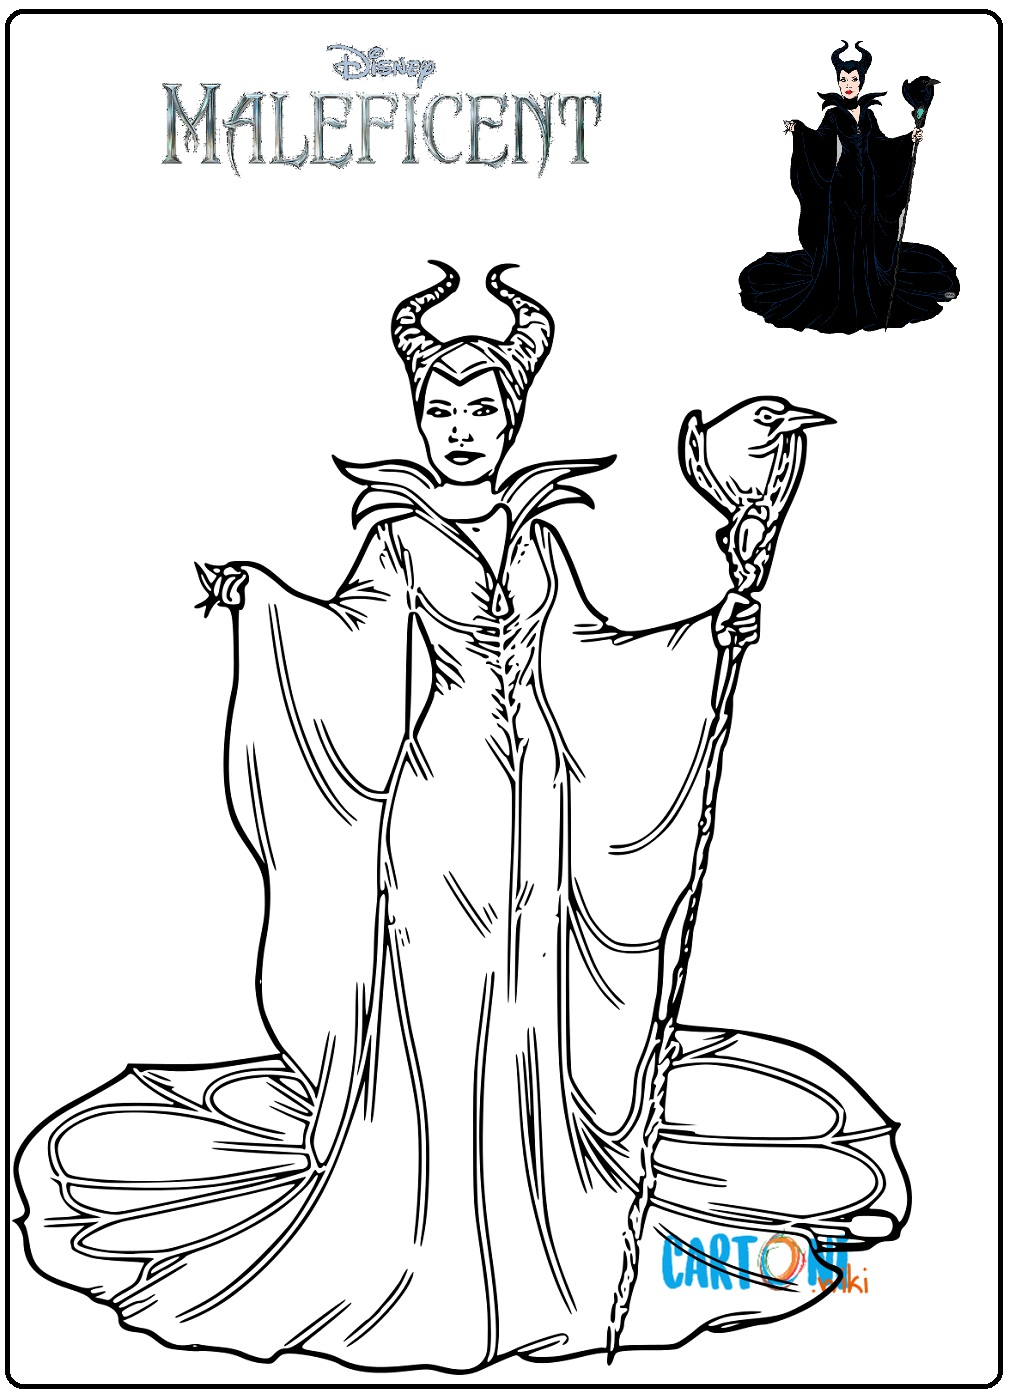 Disegno Maleficent da stampare - Disegni da colorare